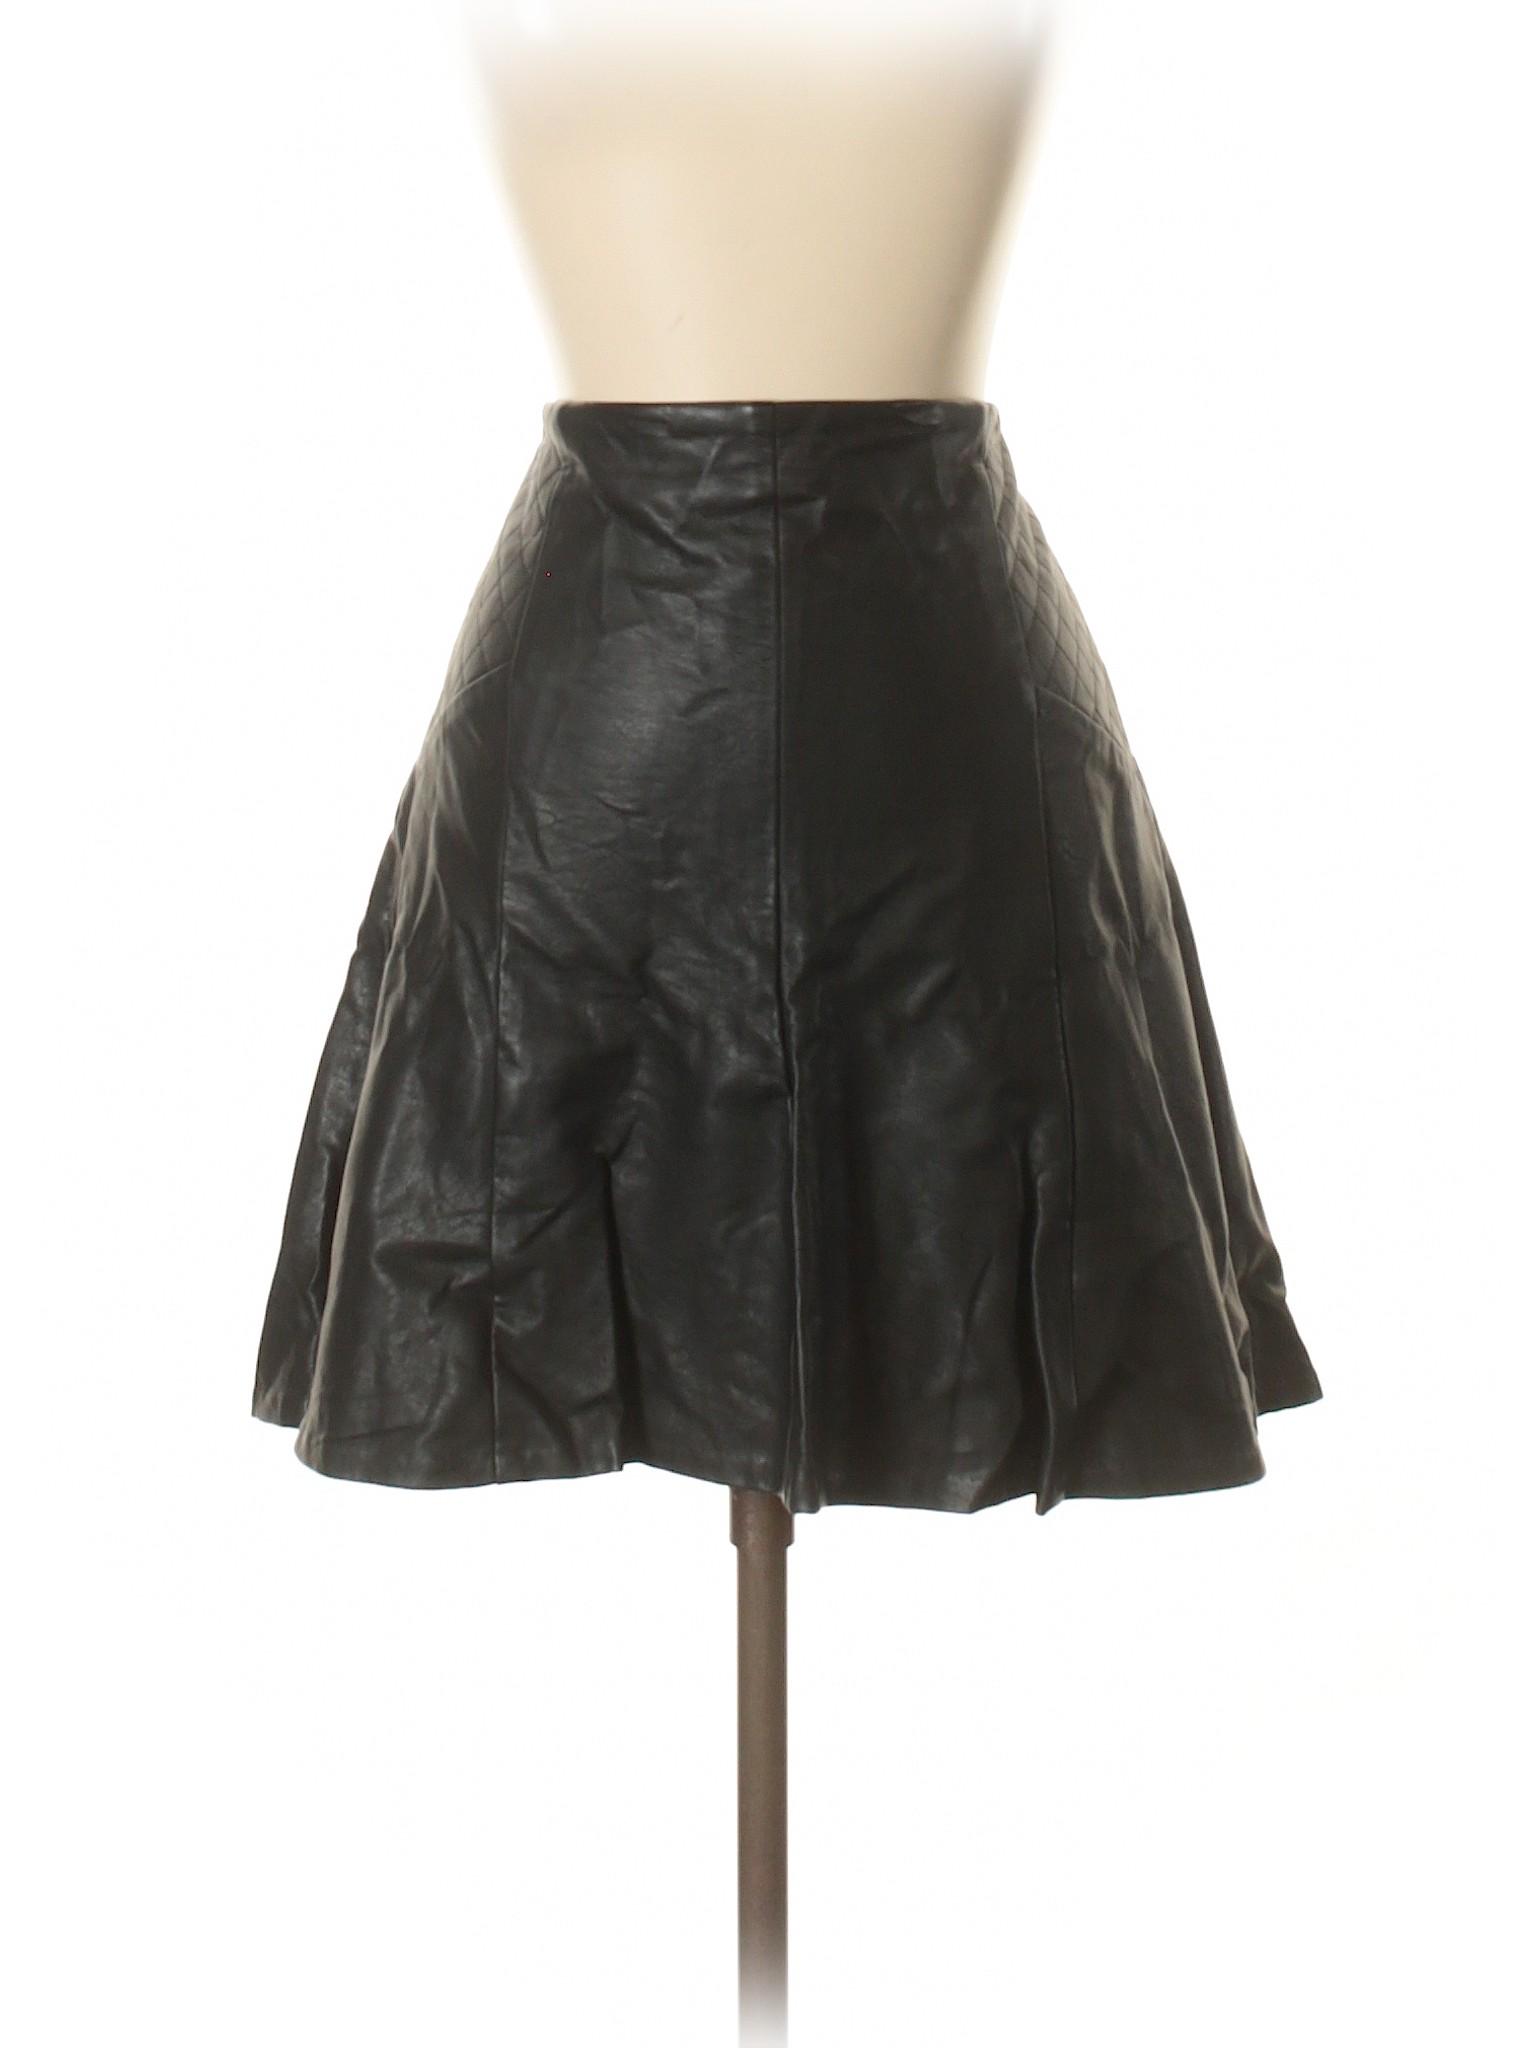 Boutique Leather Faux Faux Skirt Leather Boutique rPfqr7